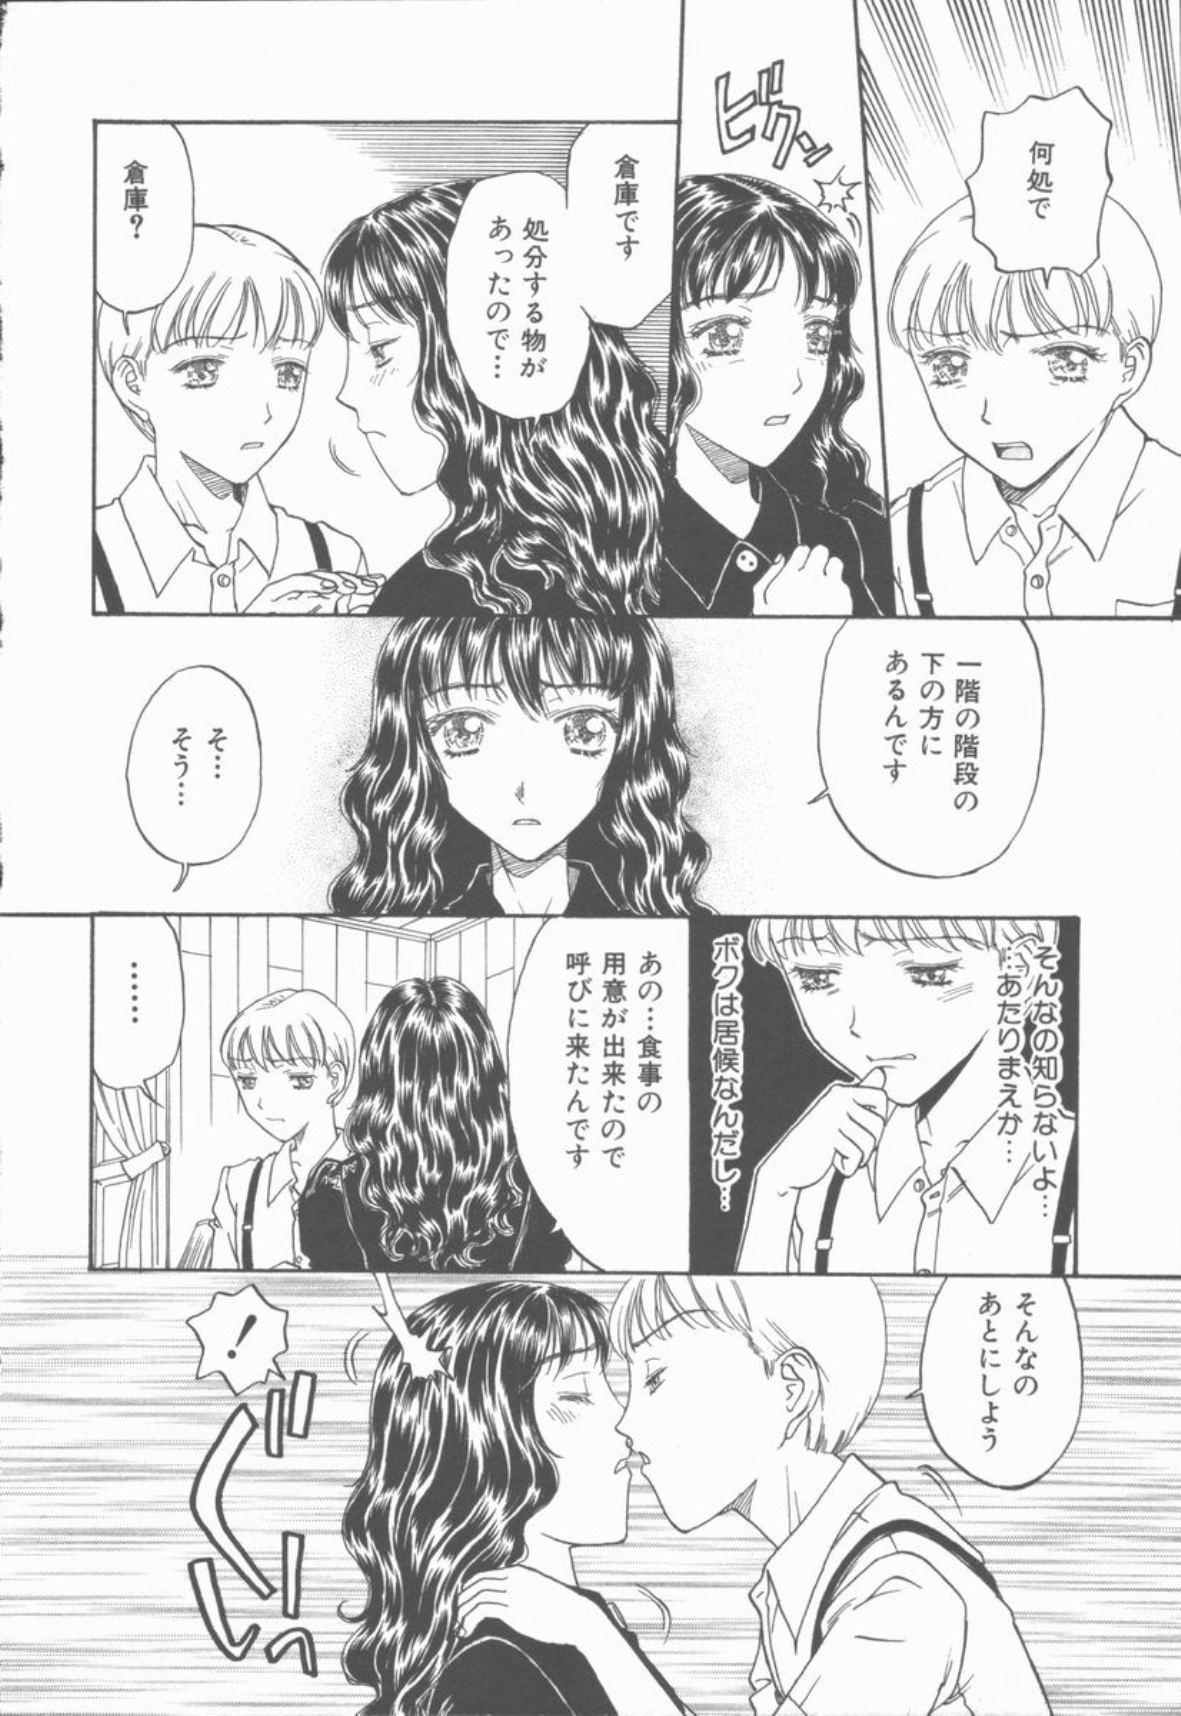 Inma no Sumu Yakata 148